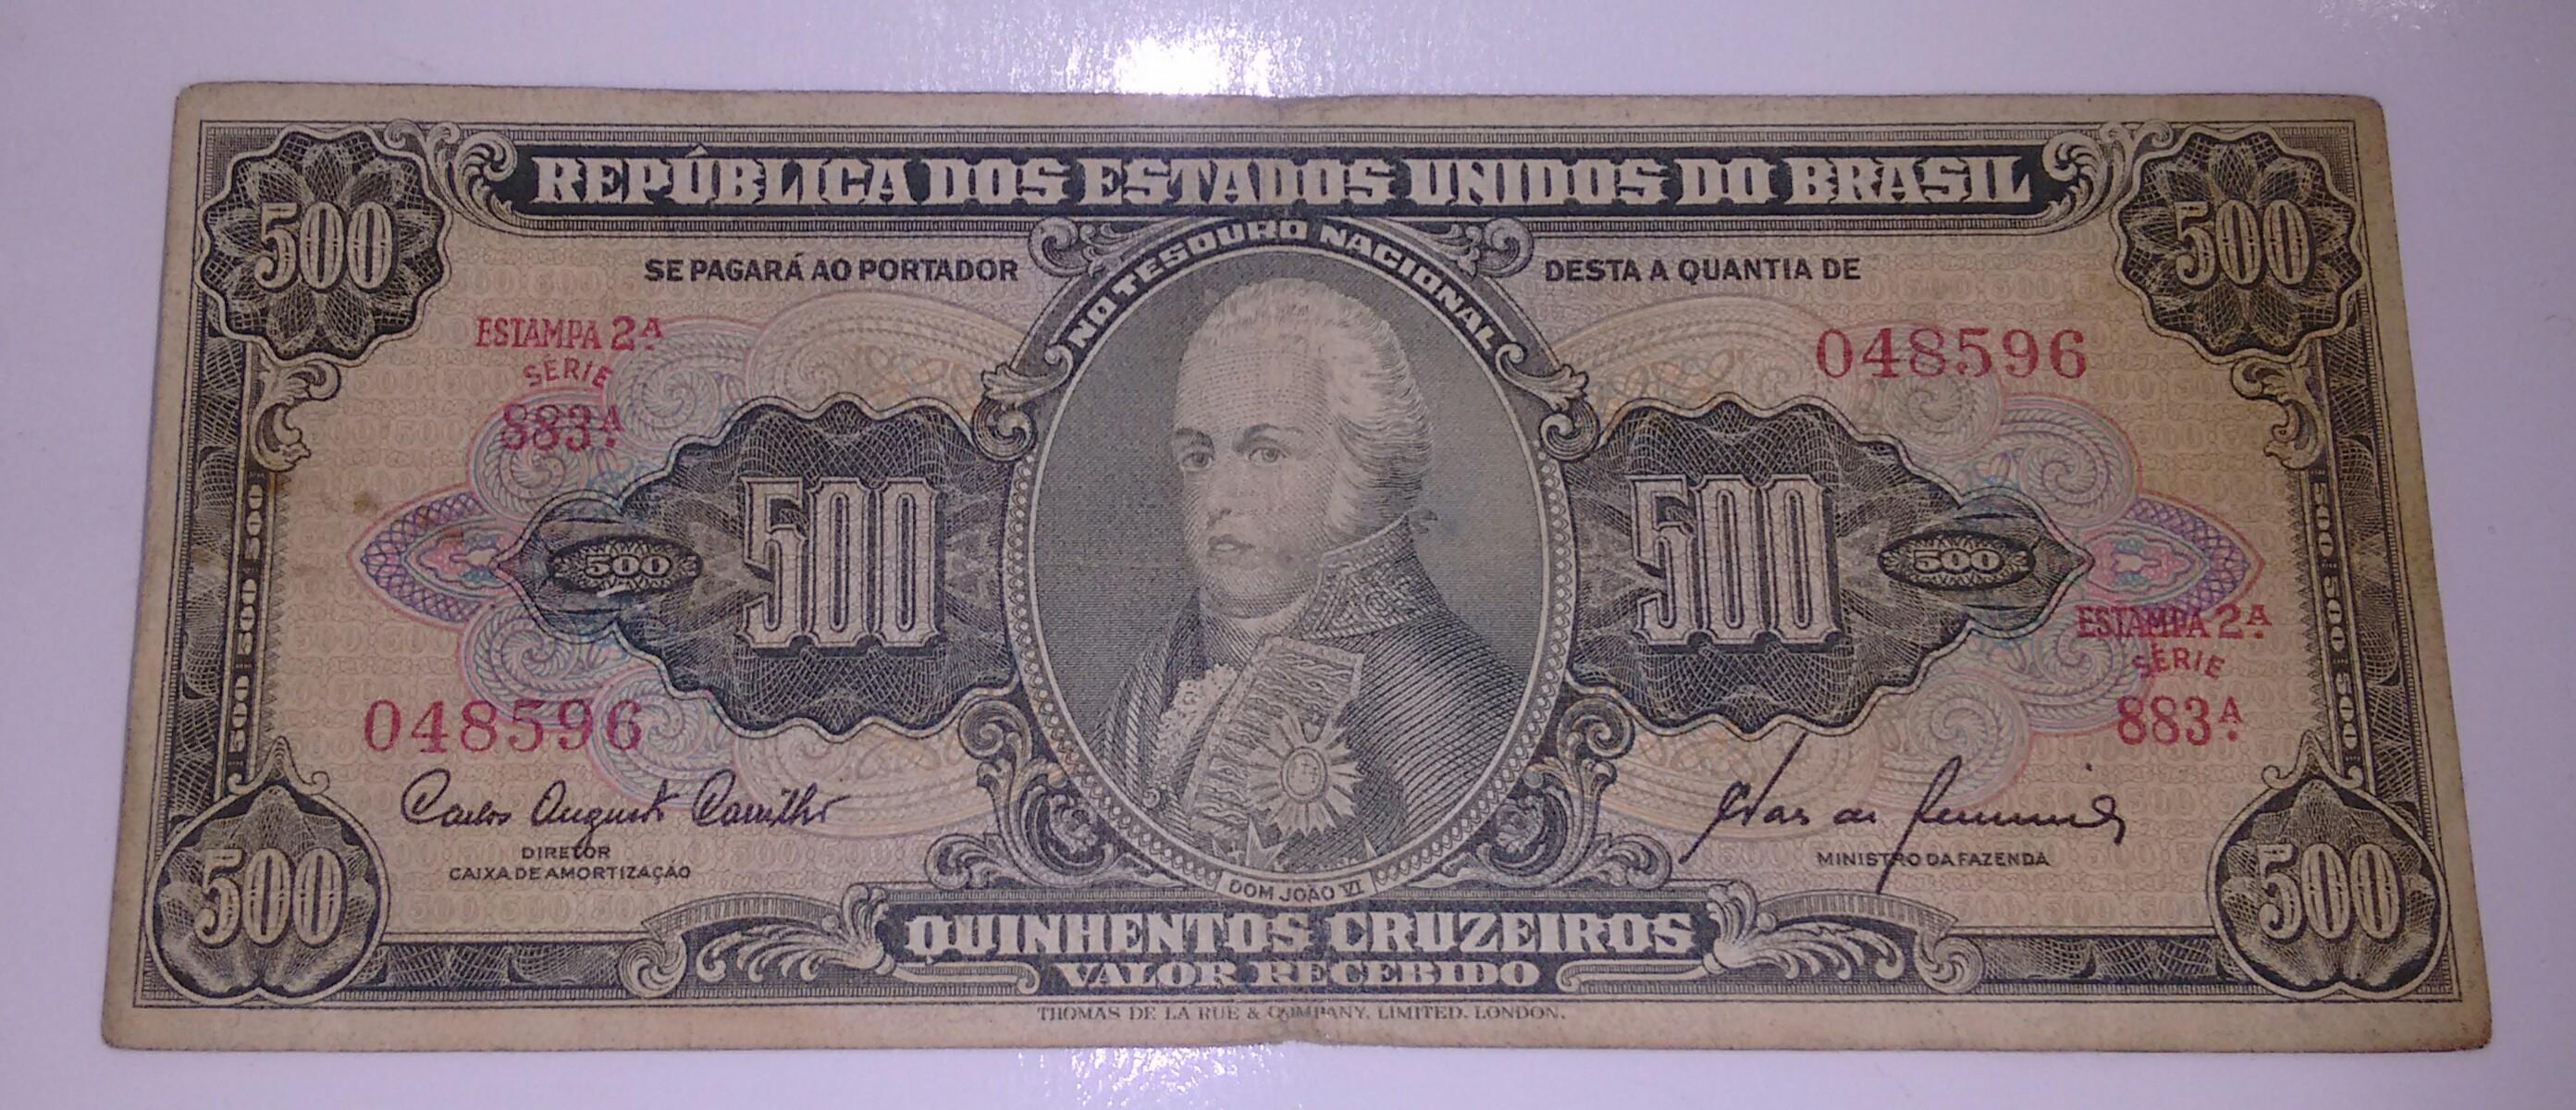 500 CRUZEIROS